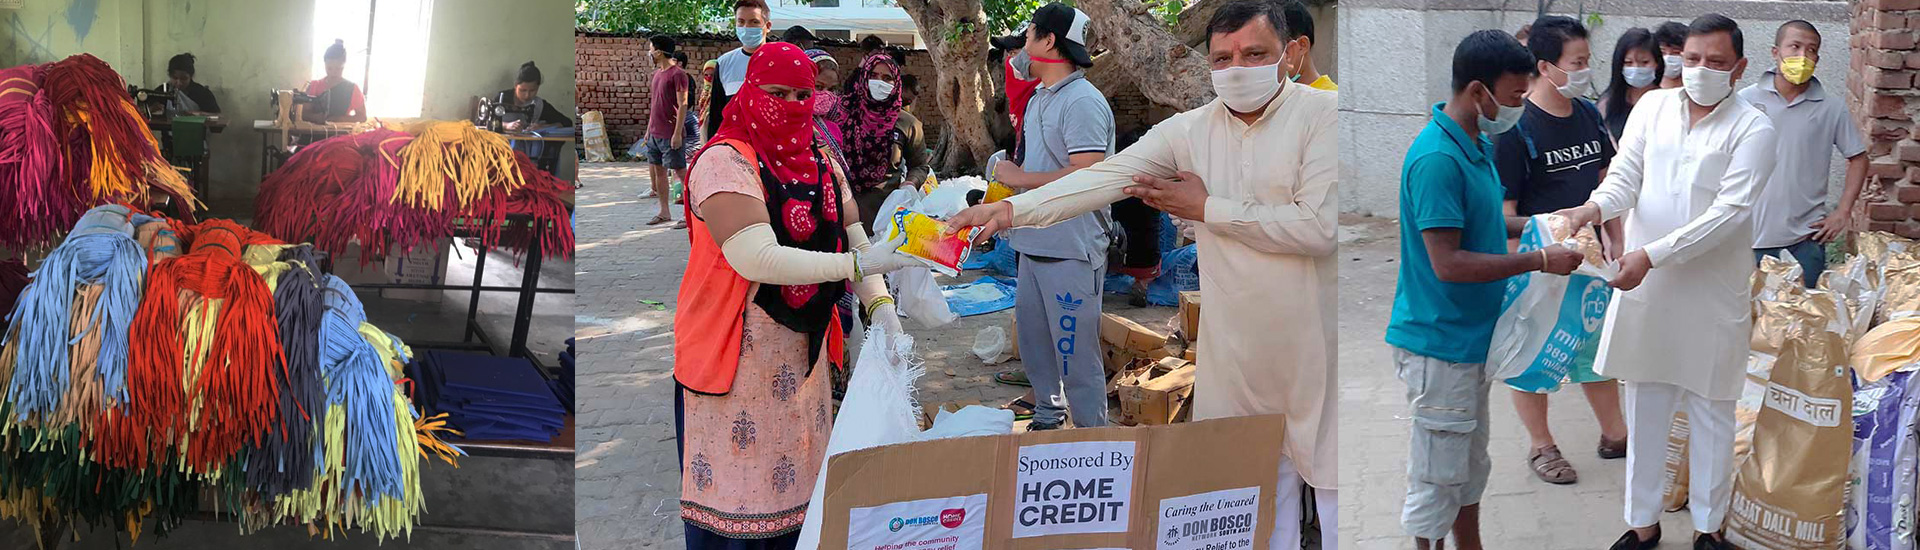 Más de un millón de personas recibe alimentos en India gracias a Don Bosco durante la pandemia